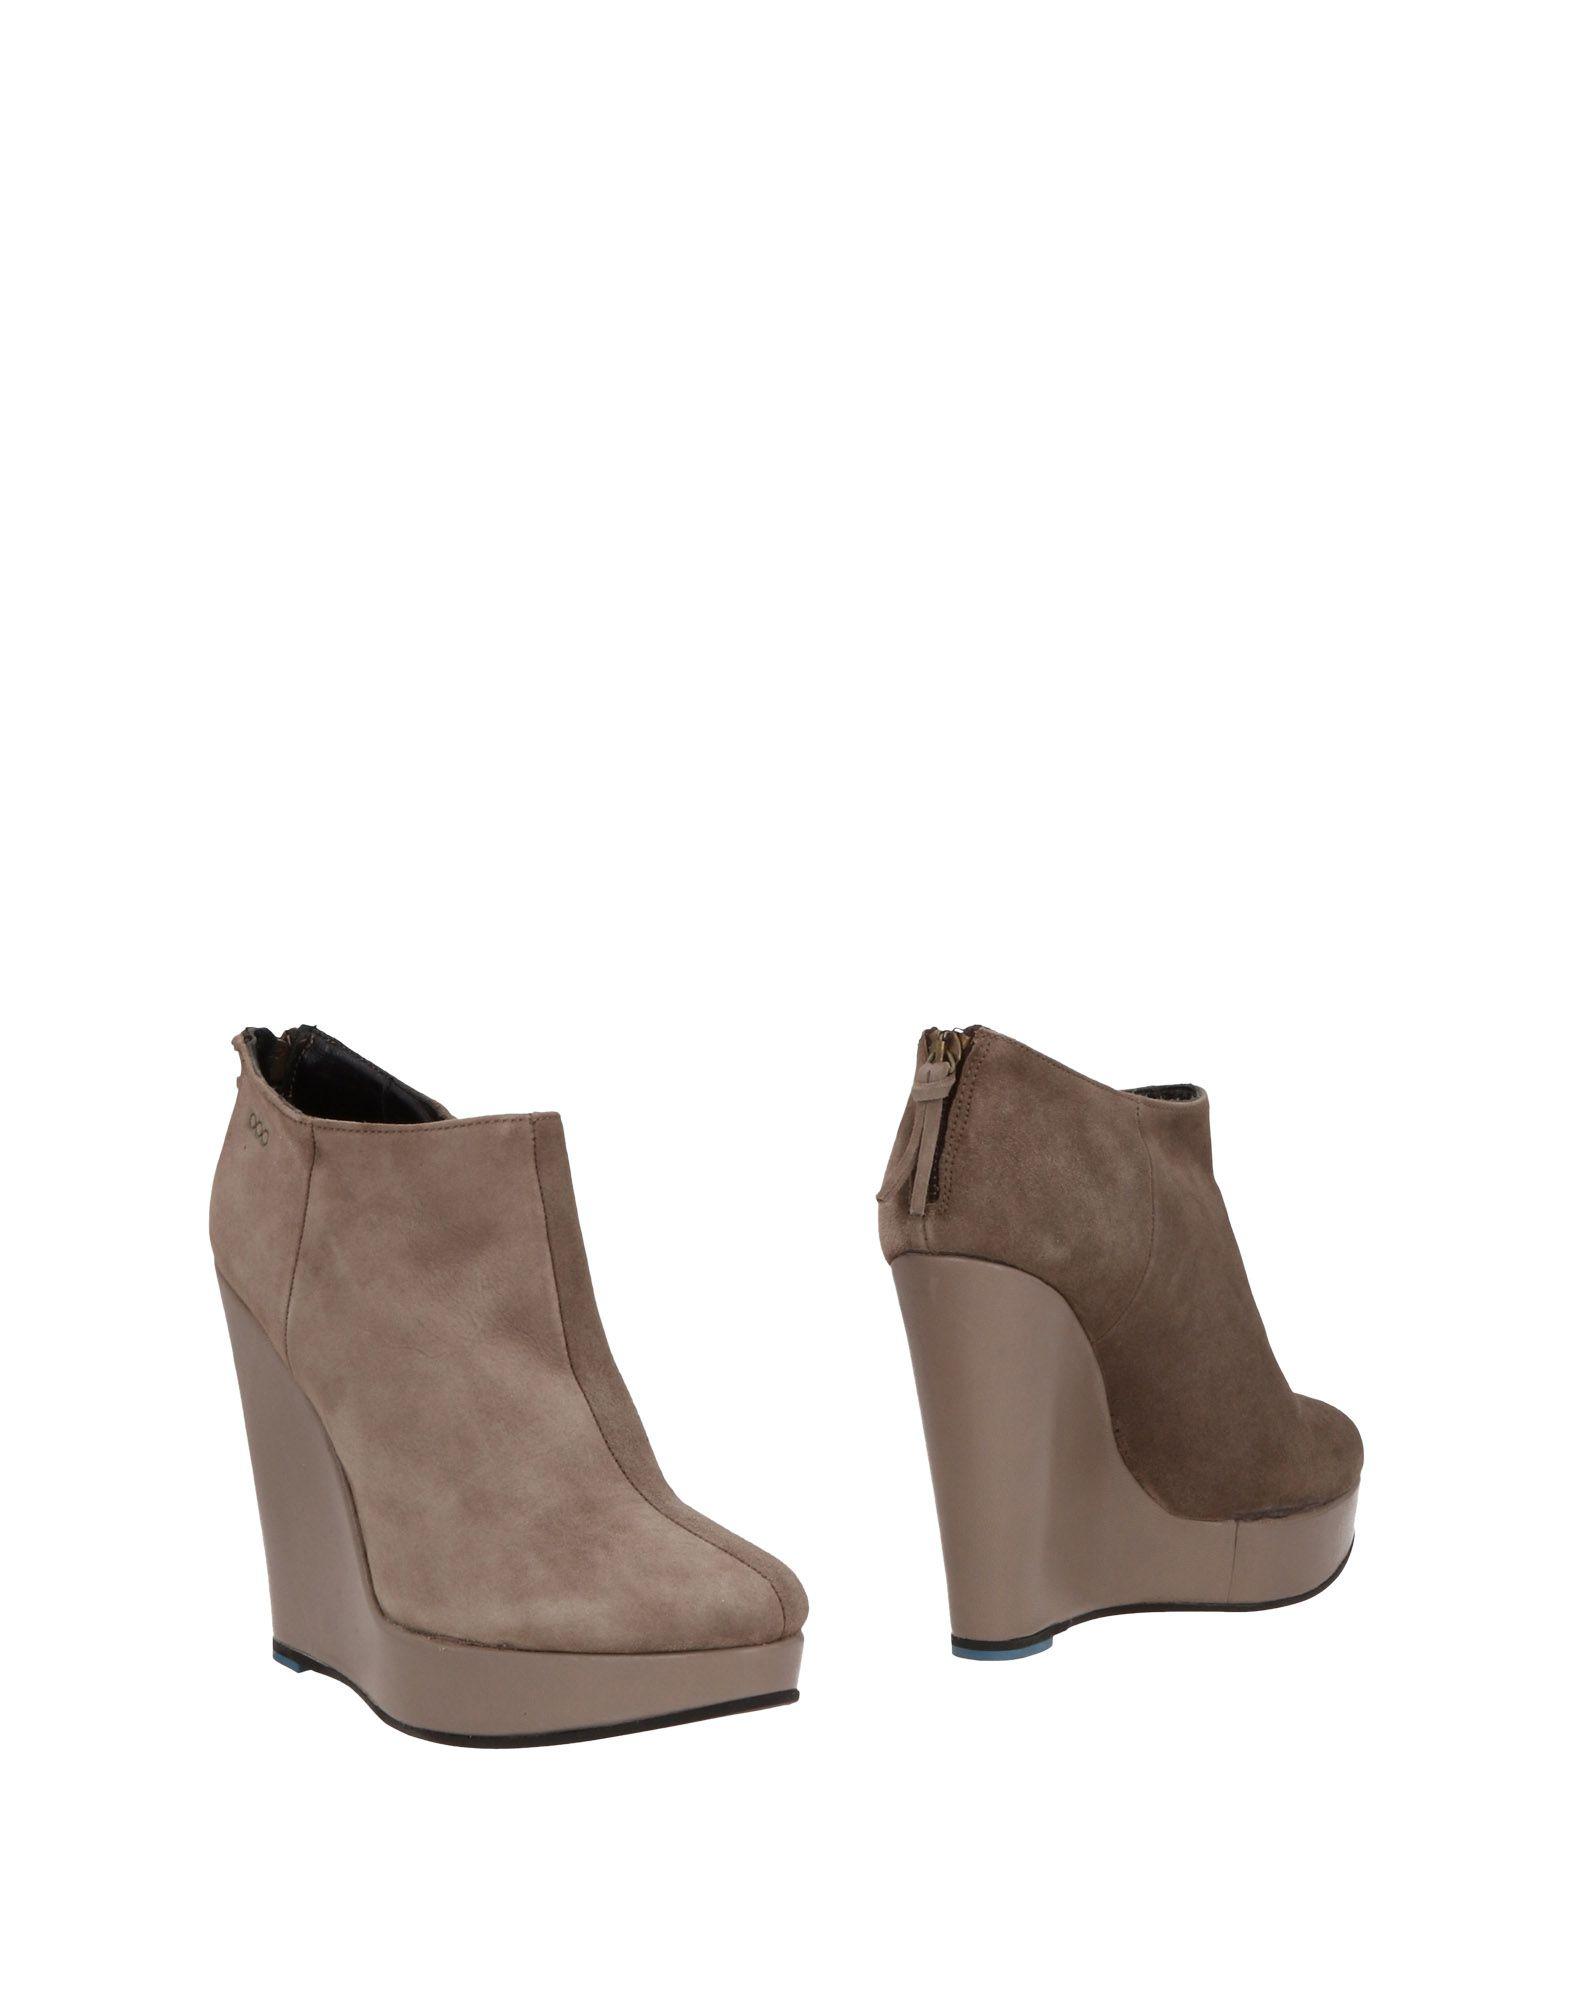 SERAFINI ETOILE Ankle Boot in Grey